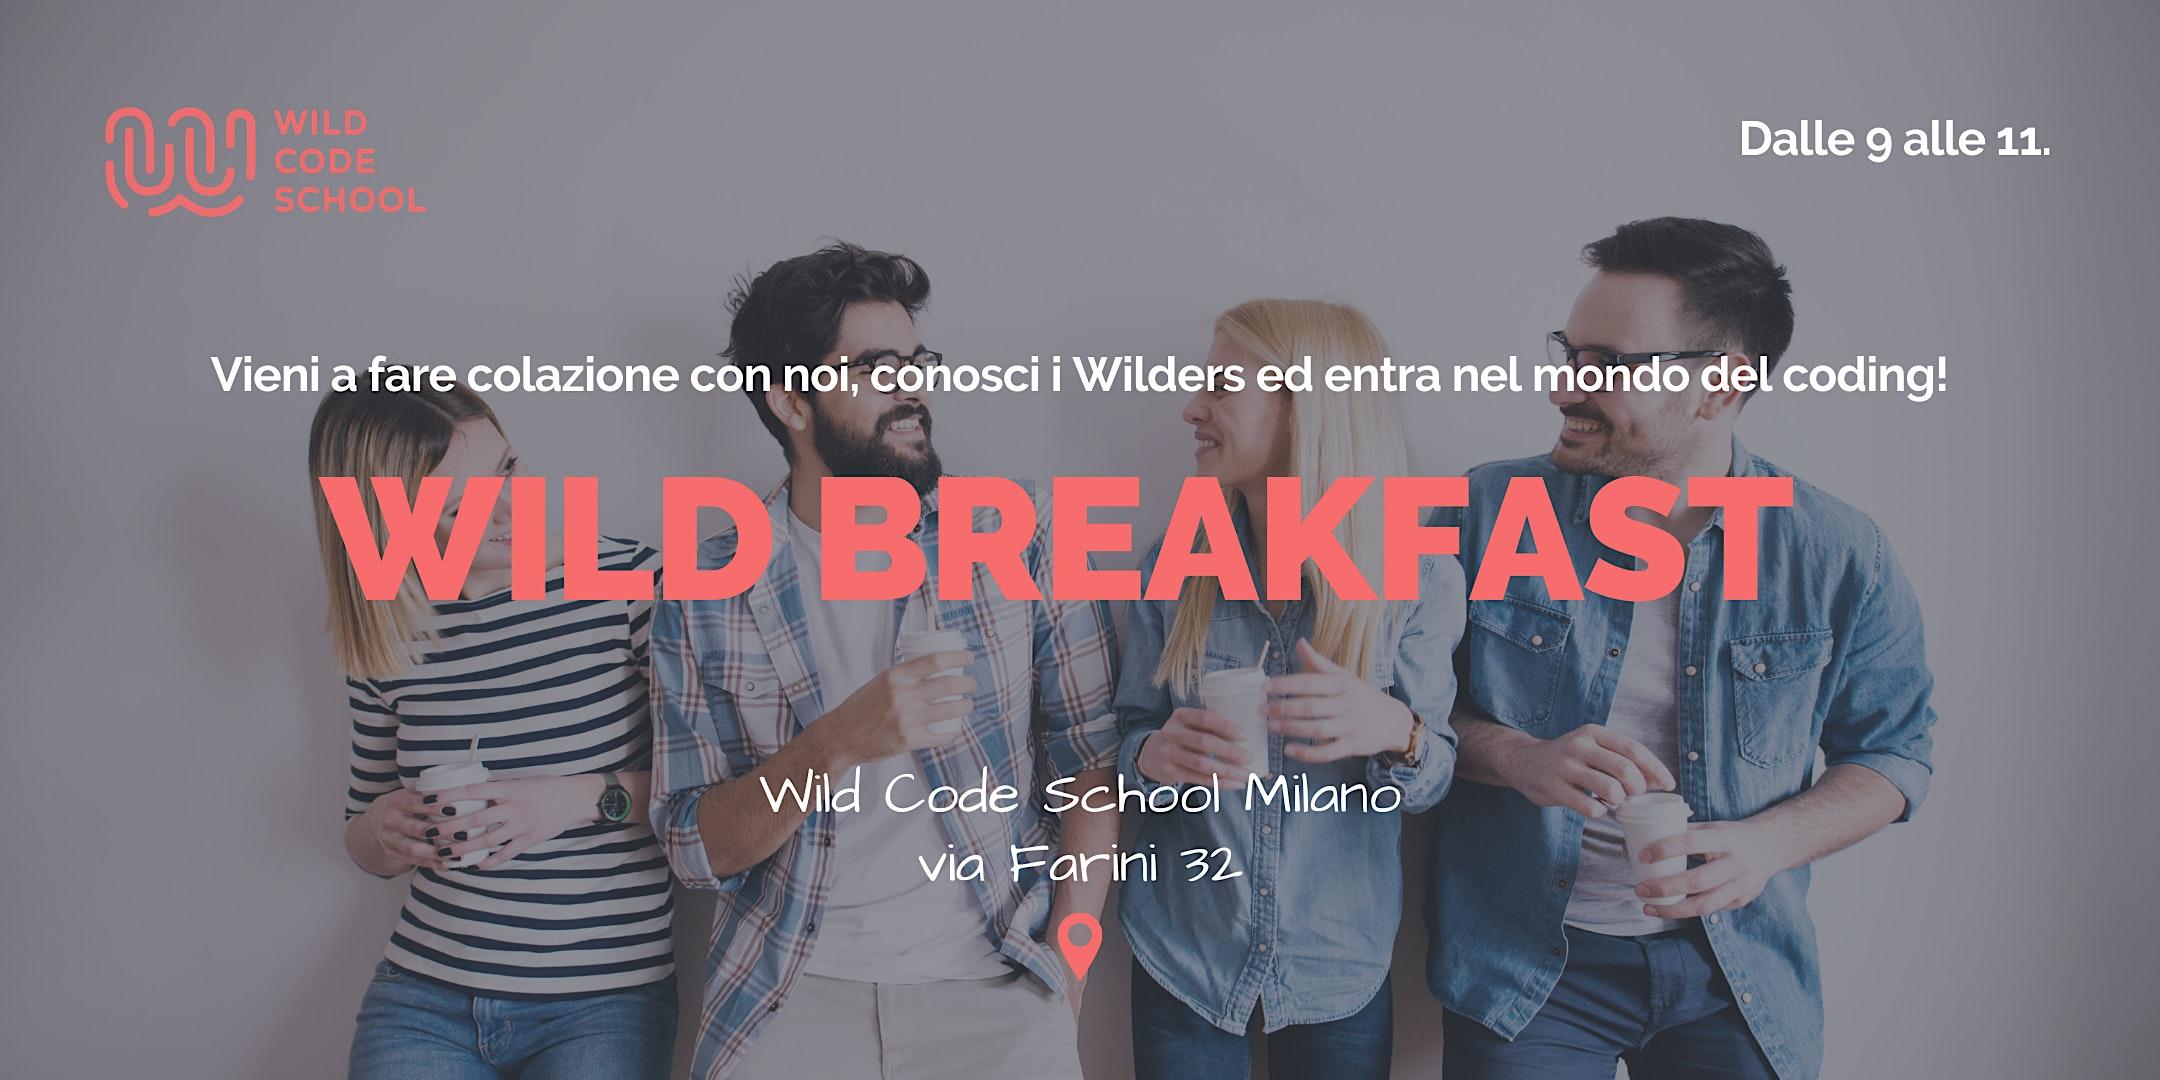 Wild Breakfast! Vieni a scoprire Wild Code School e il mondo del coding!